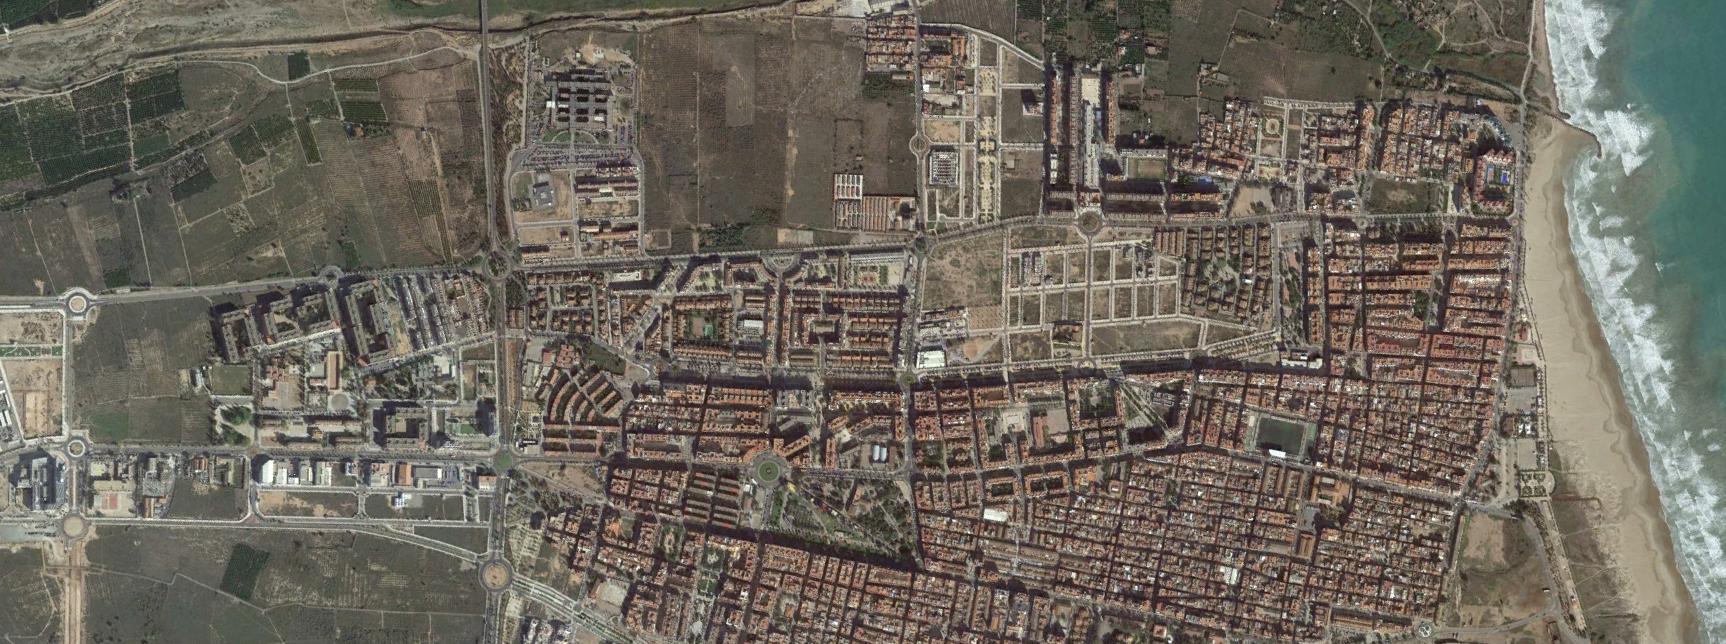 port de sagunt, valencia, no te ajunt, después, urbanismo, planeamiento, urbano, desastre, urbanístico, construcción, rotondas, carretera